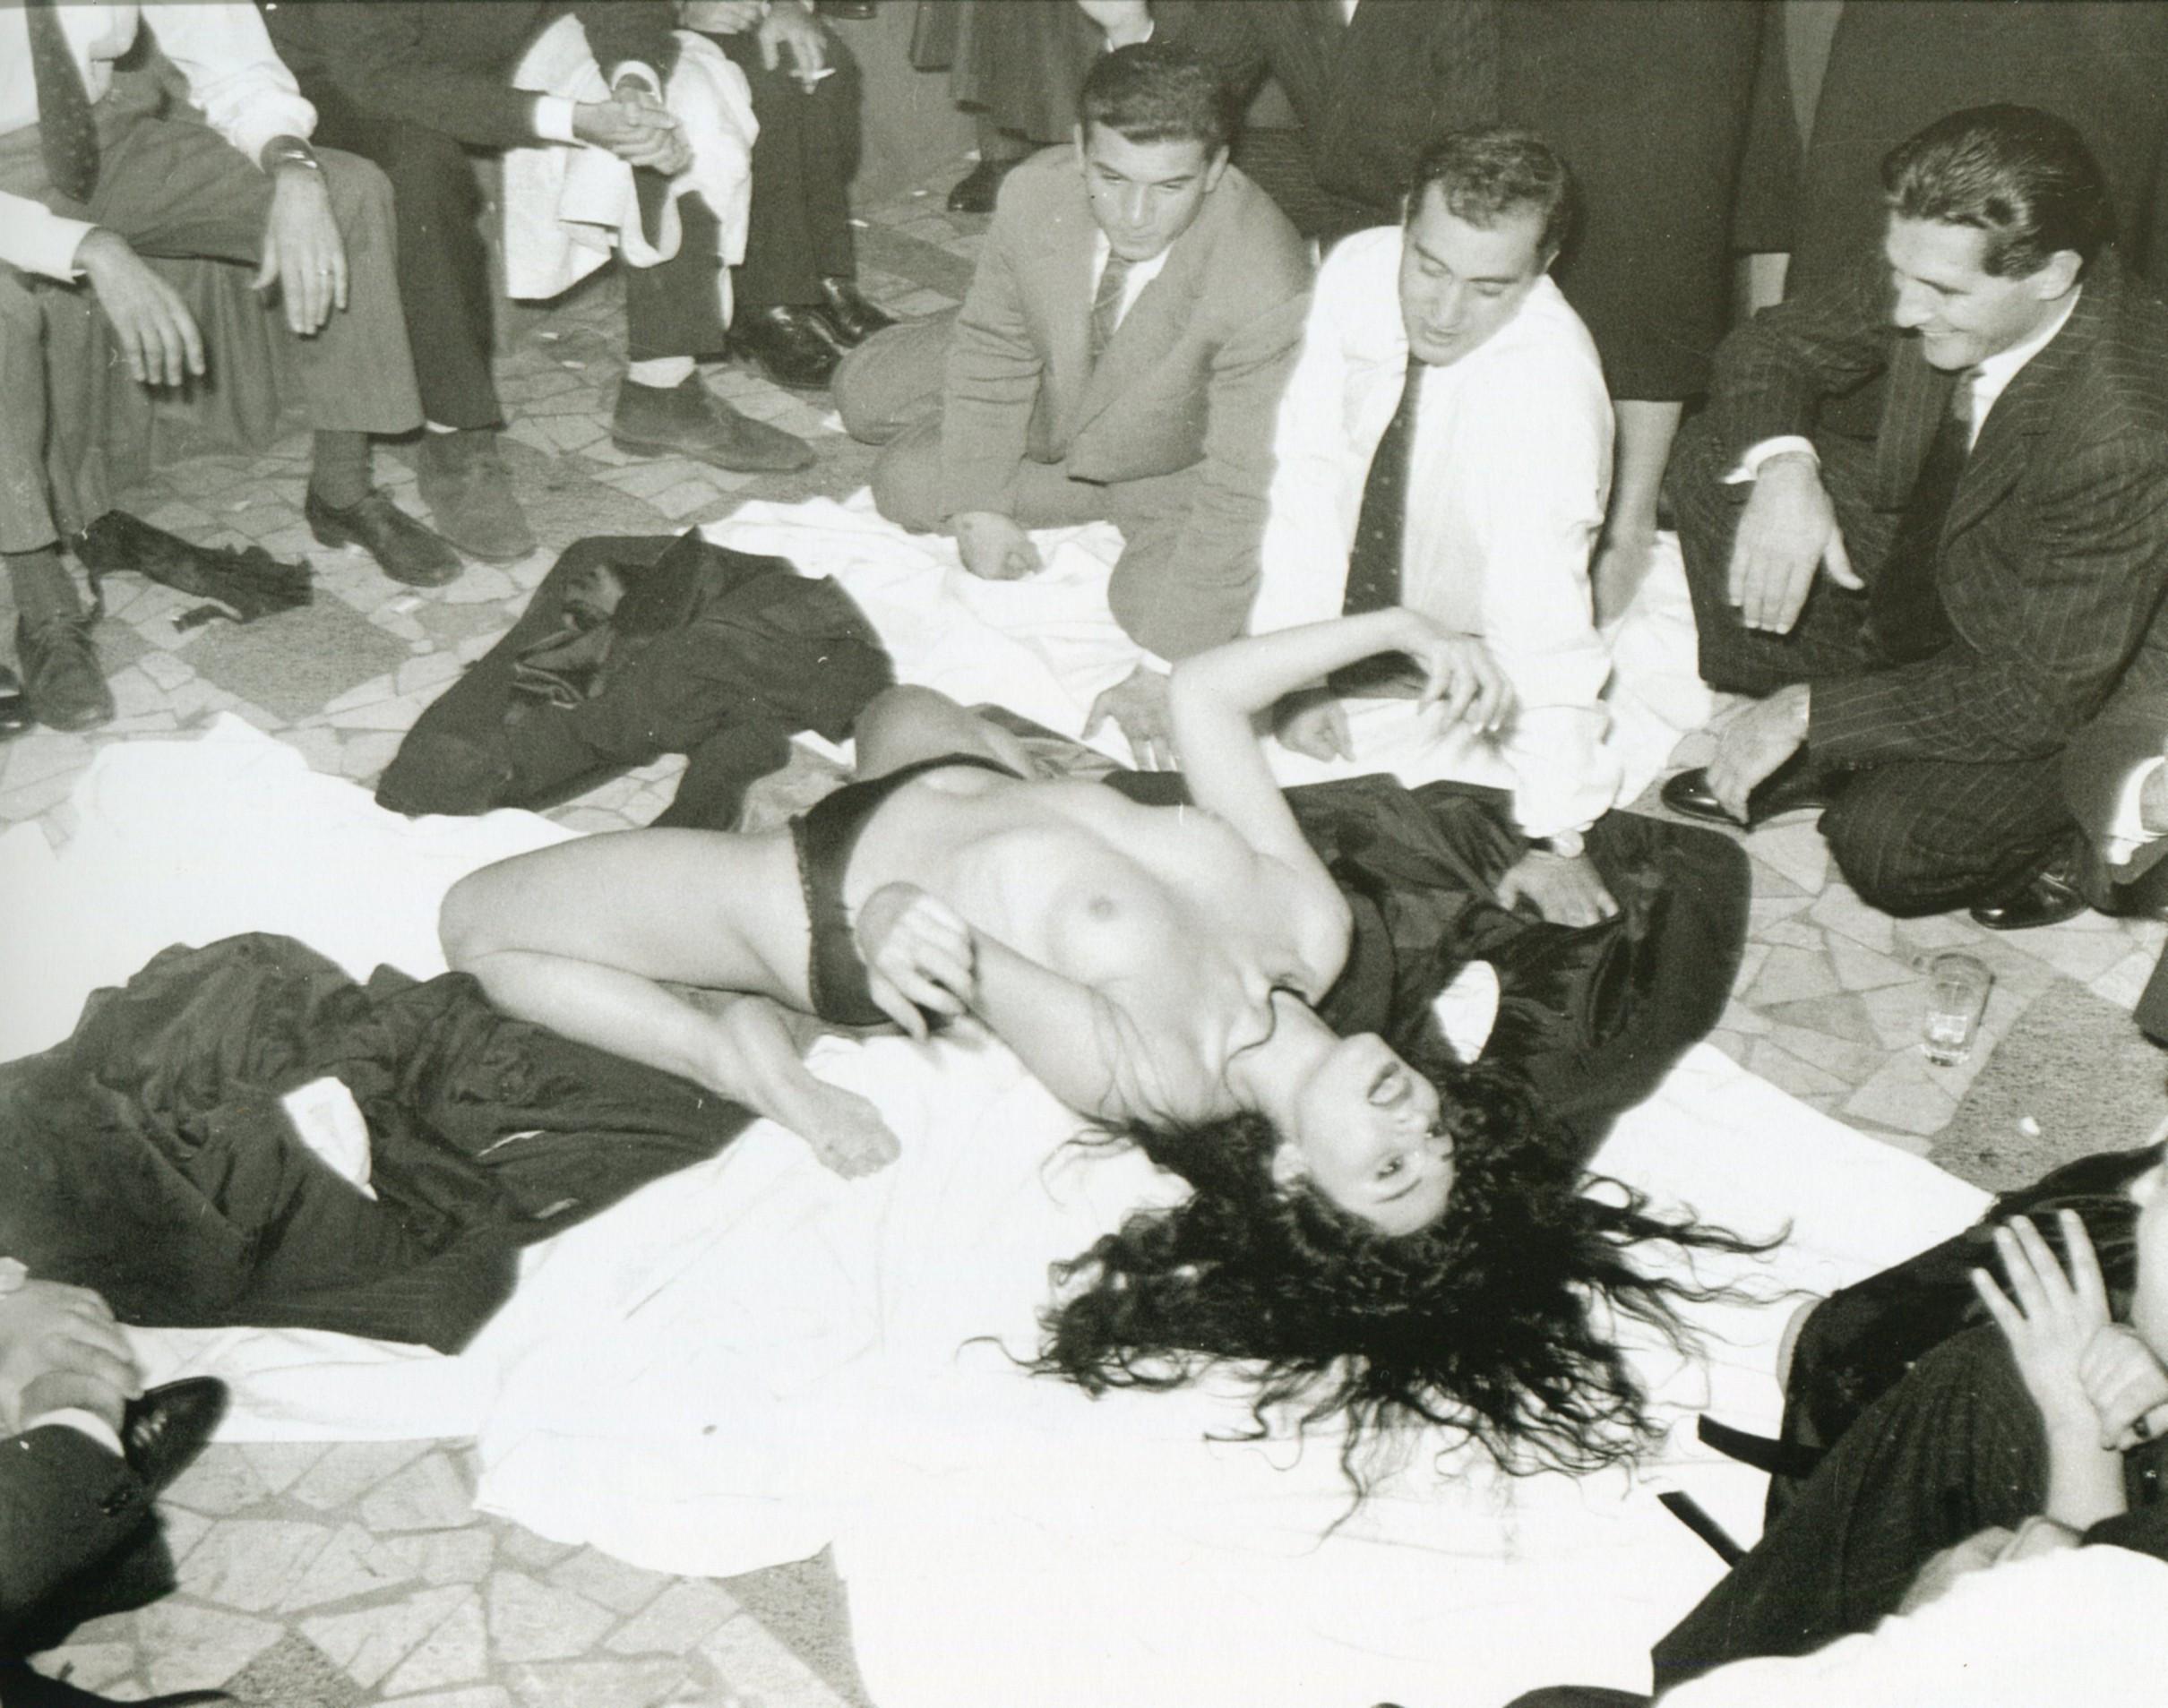 Айше Нана исполняет стриптиз в ресторане «Ругантино» 5 ноября 1958 года